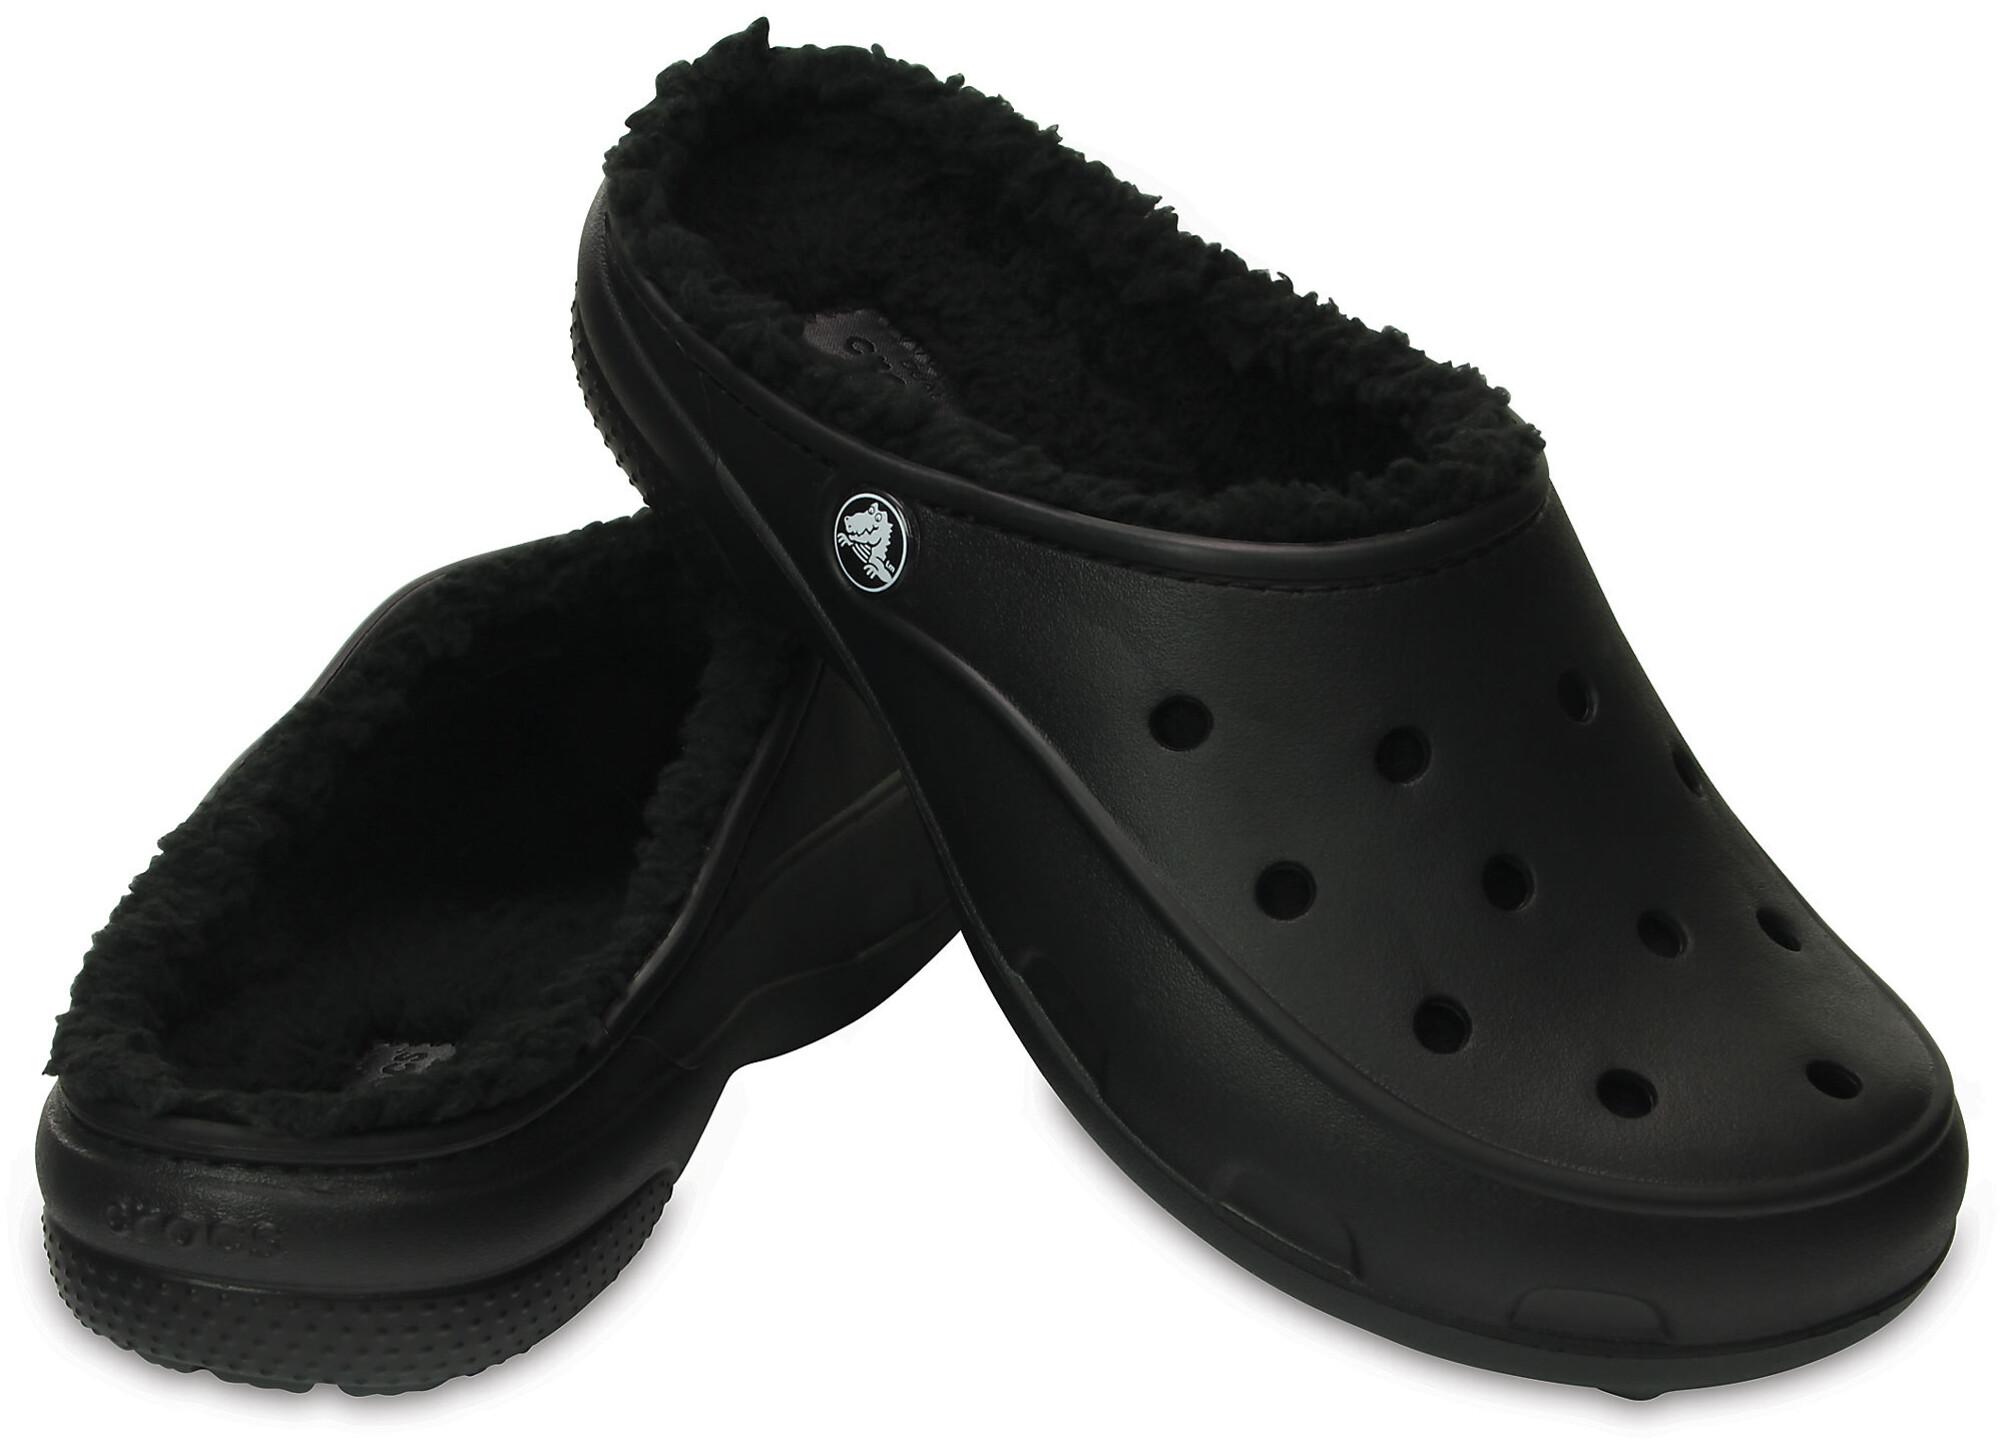 Crocs Freesail PlushLined - Sandales Femme - noir sur campz.fr ! 0e34c60abbe